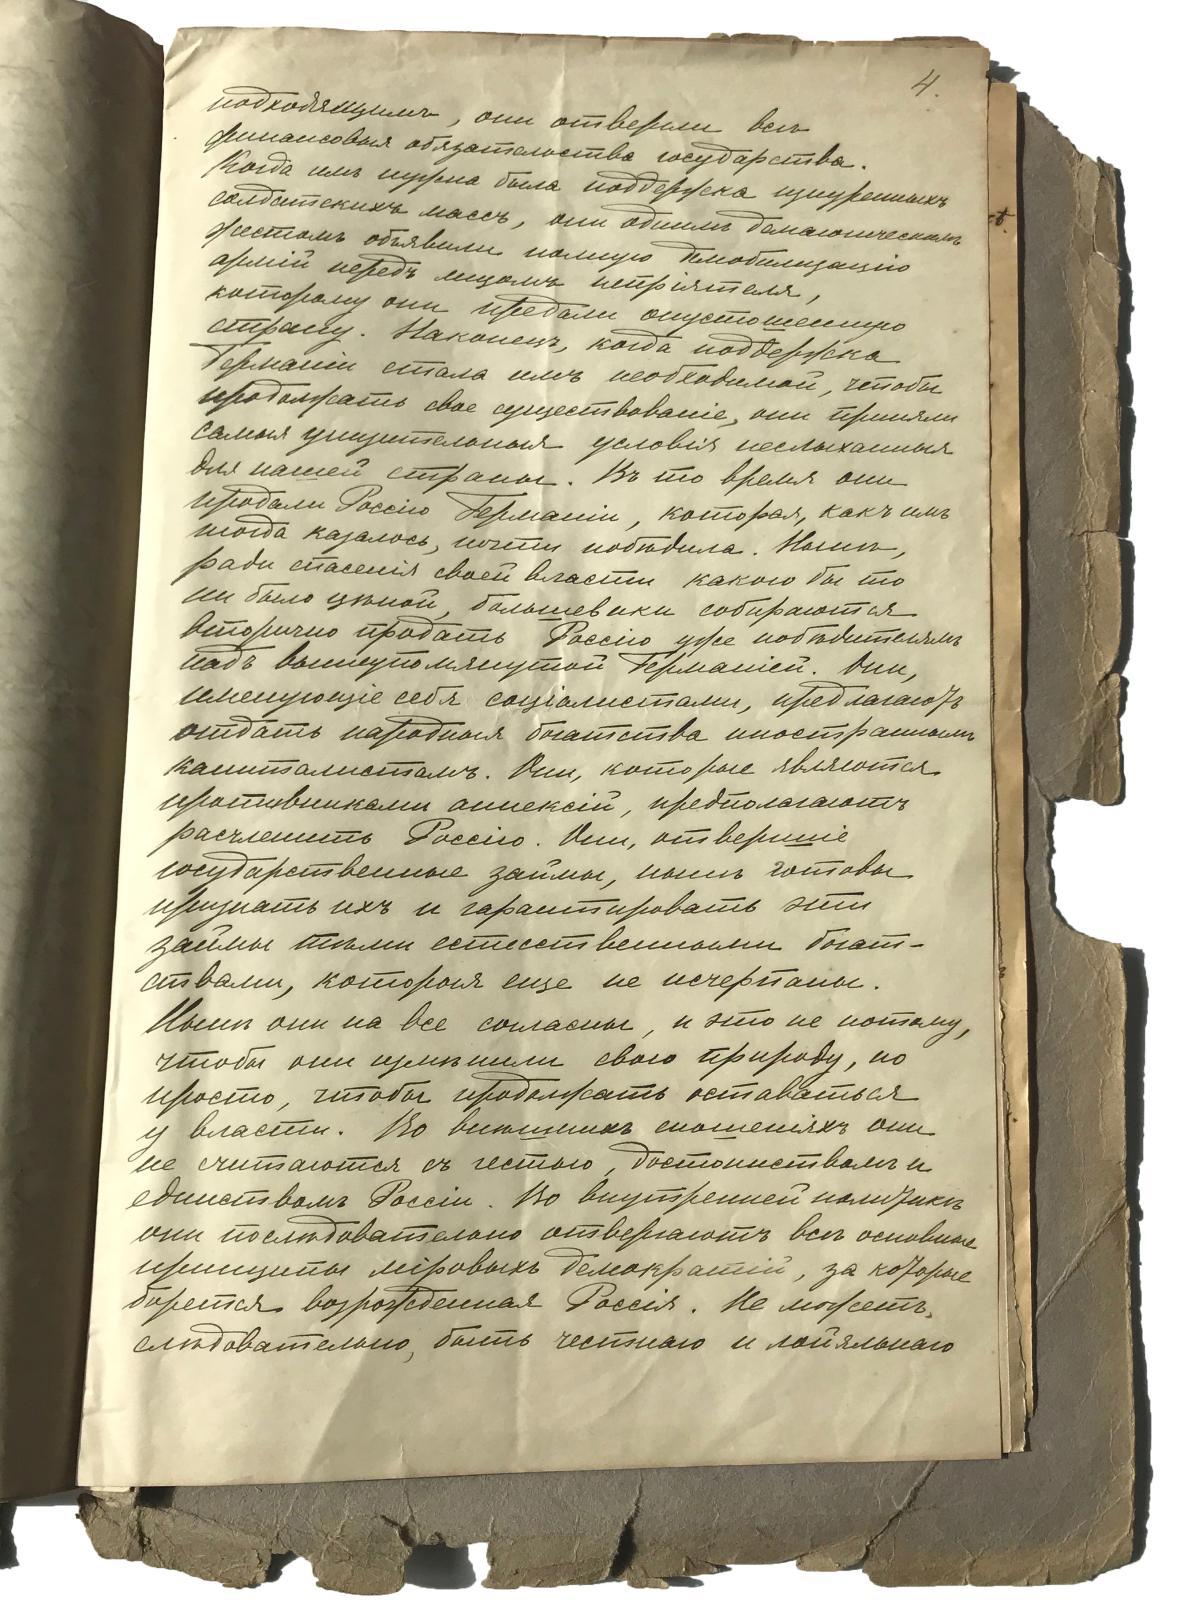 Alexandre Vassilievitch Koltchak, extrait d'un ensemble de proclamations et de décrets du gouvernement provisoire d'Omsk de 1918 et 1919,